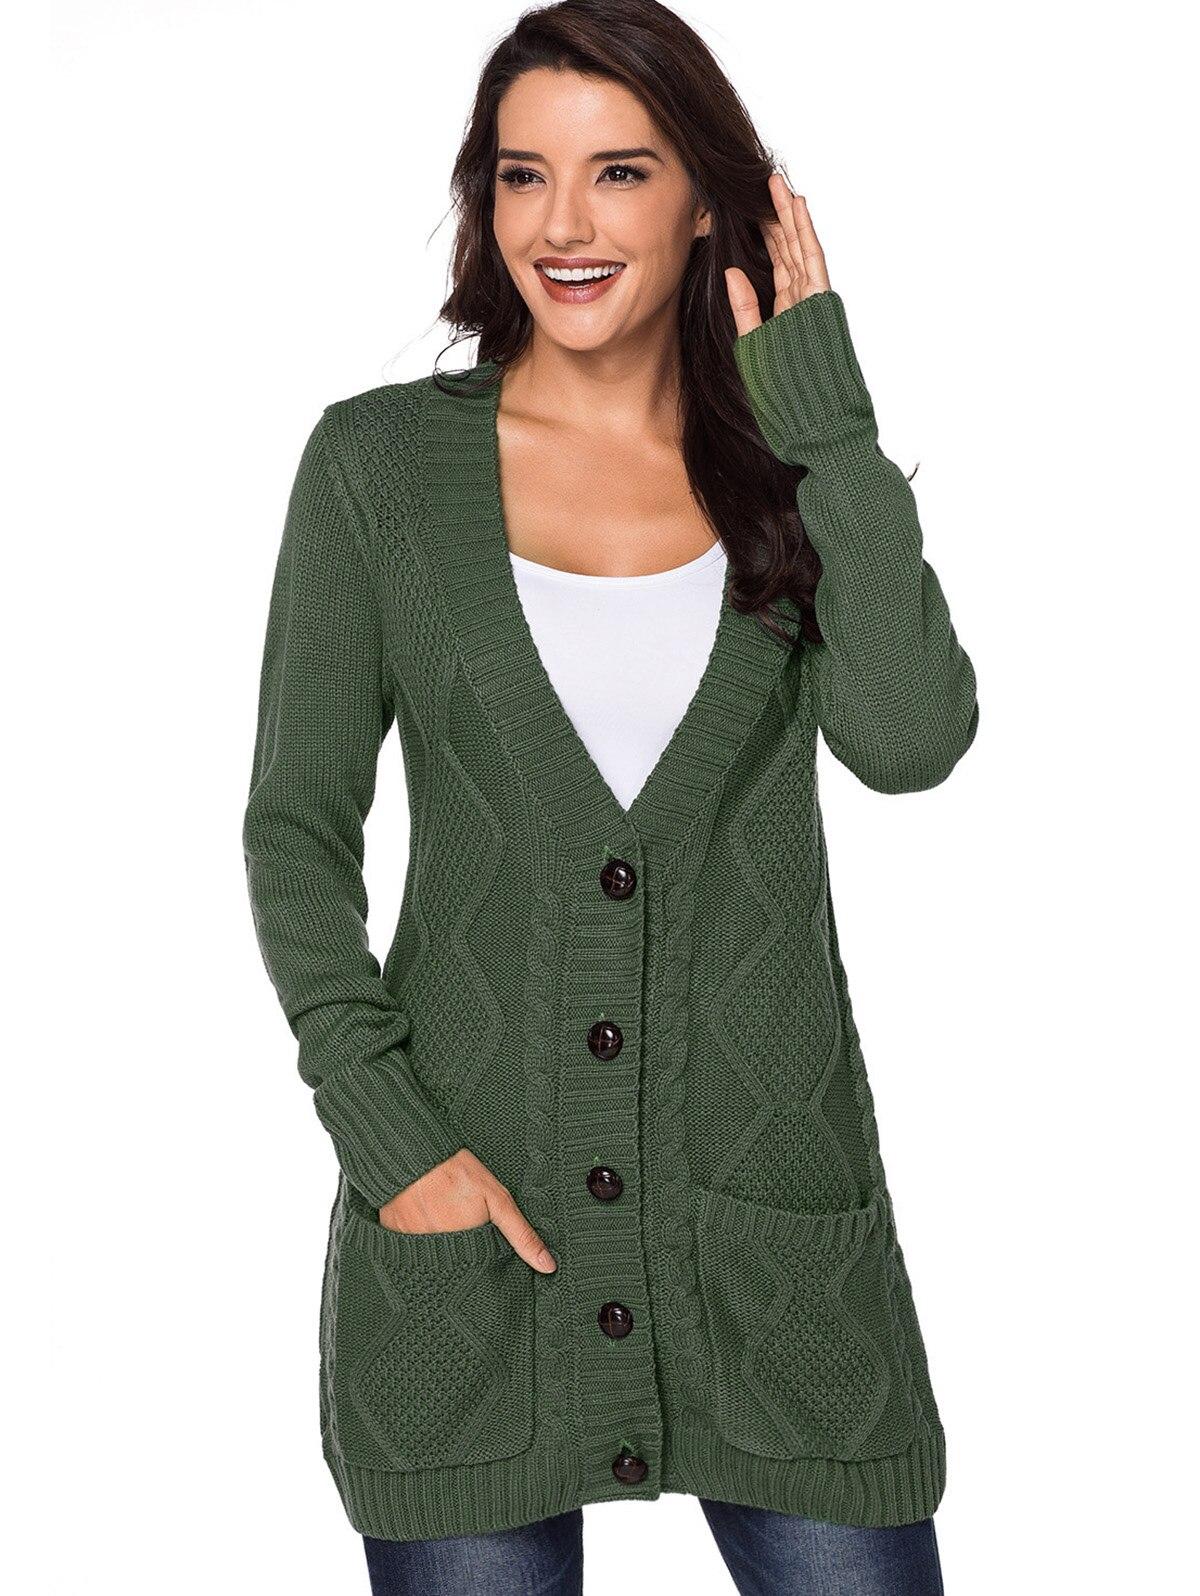 2018 Douille Avant light Pull De À Cou Bouton Solide Automne Cardigan Noir army Poches Profonde Mode Nouveau Pleine Gray Femmes Up Long Green V Outwear qzqwF